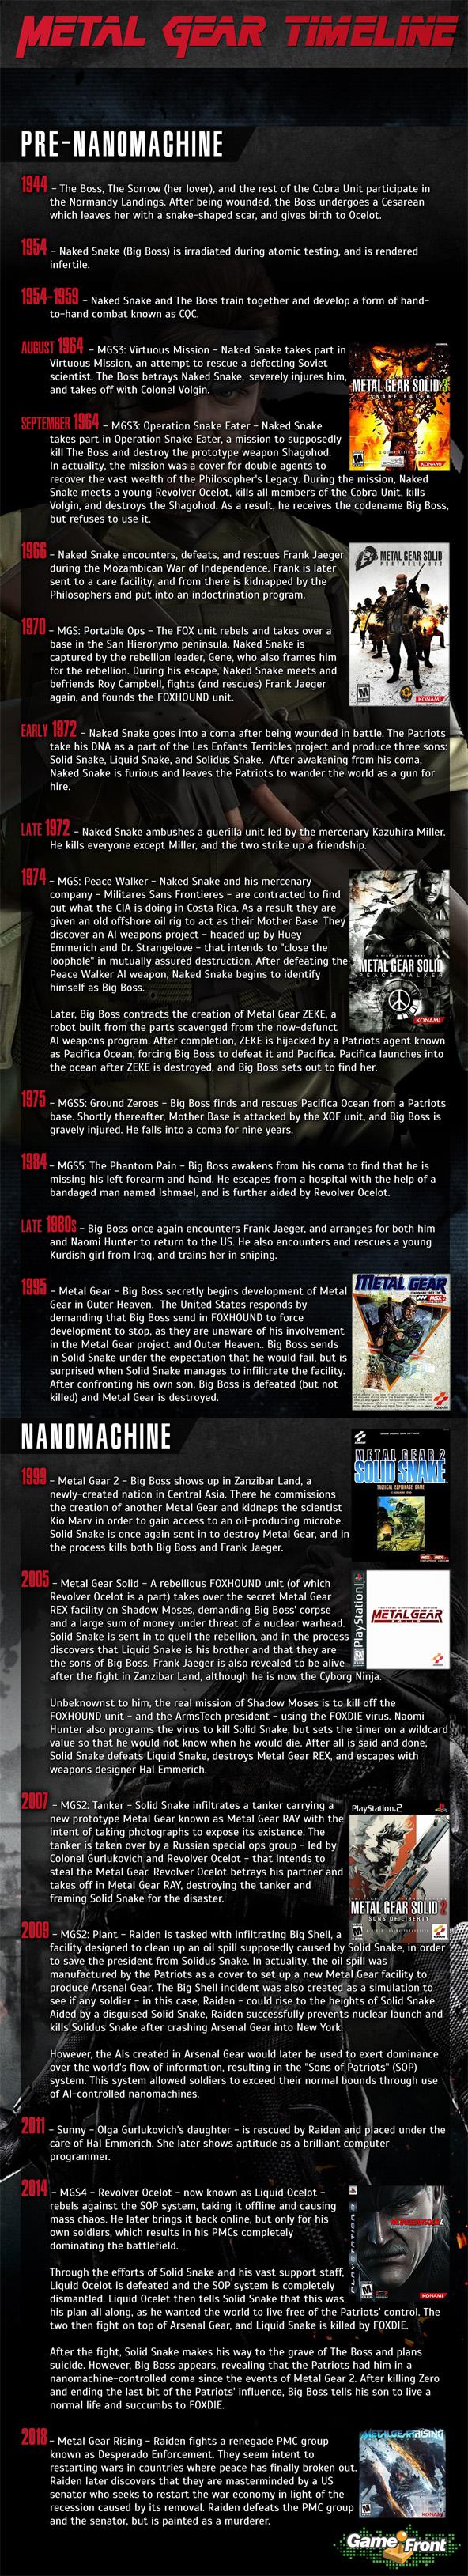 Metal Gear Timeline